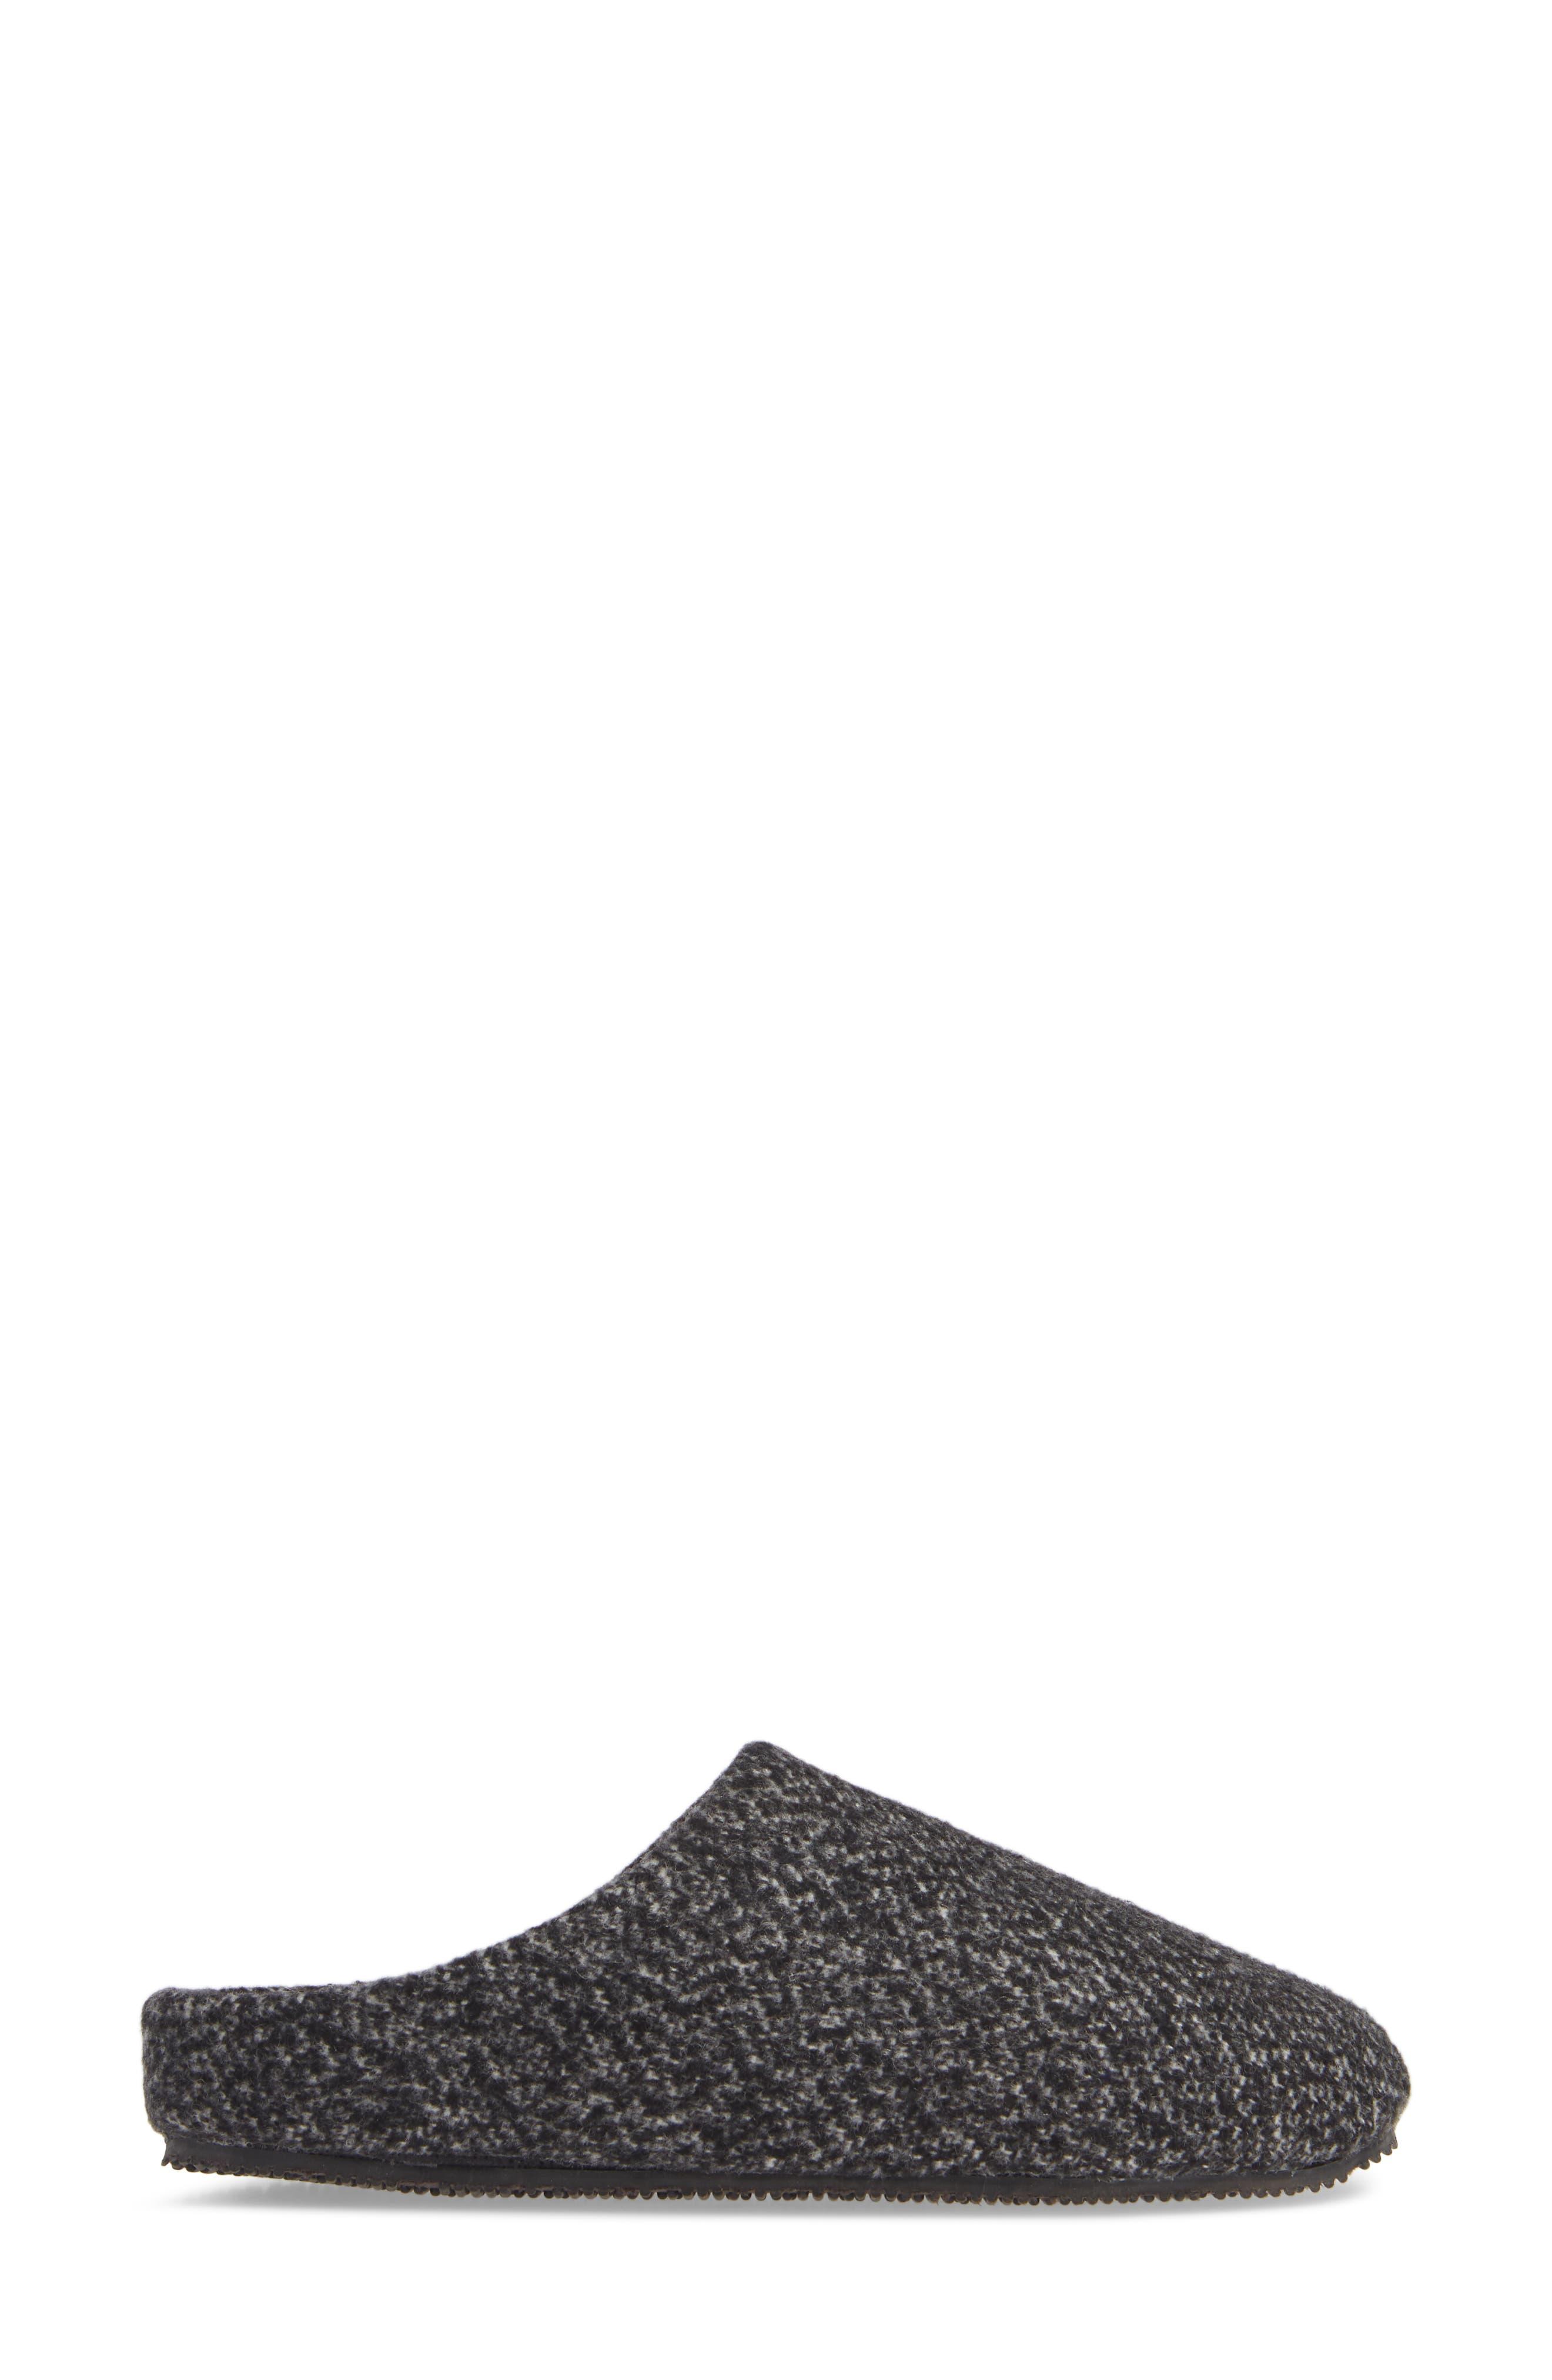 Tillie Memory Foam Slipper,                             Alternate thumbnail 3, color,                             BLACK MULTI